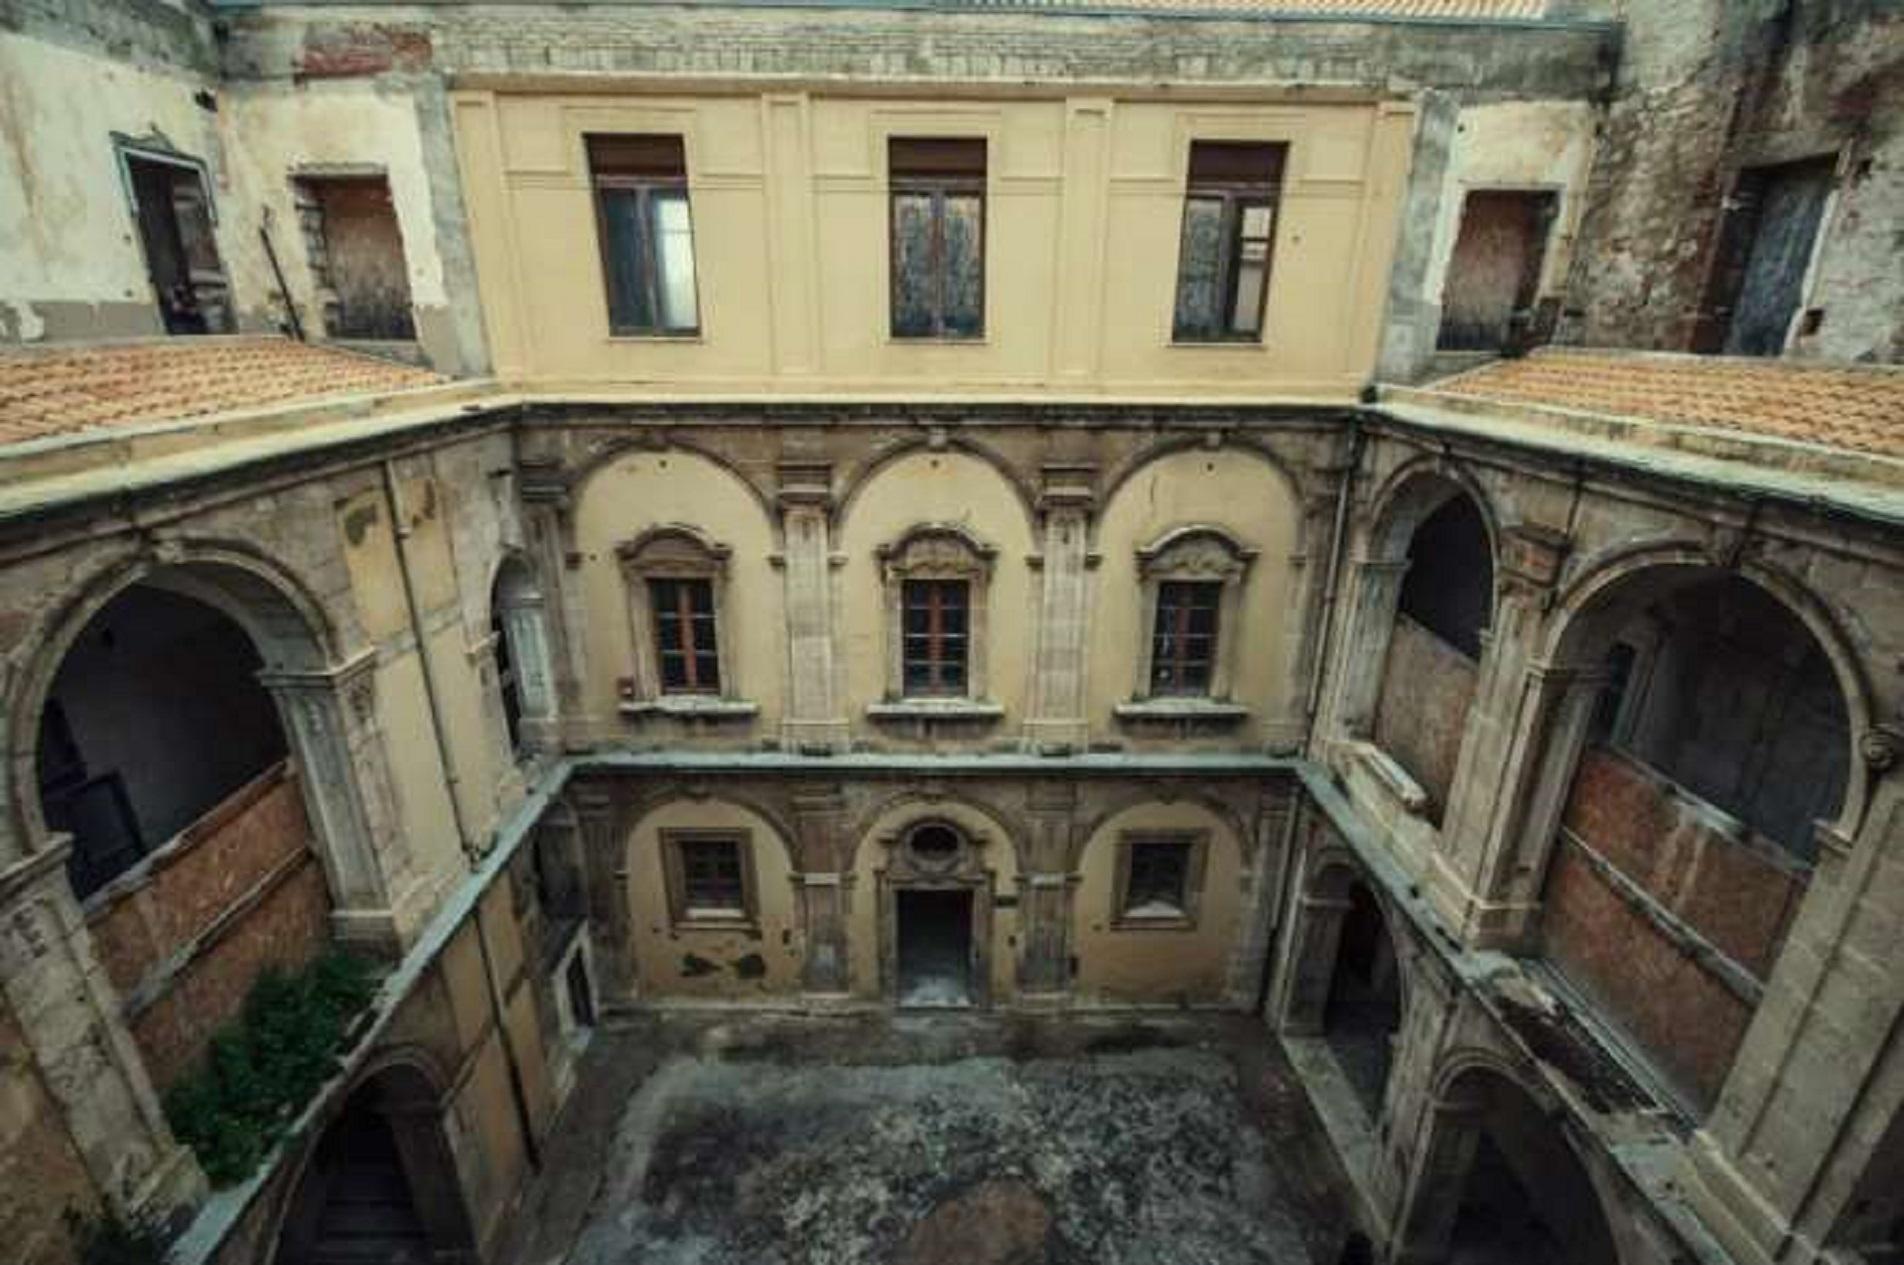 Edificio del 600 a rischio crollo, sequestrato l'ex liceo Gargallo ...